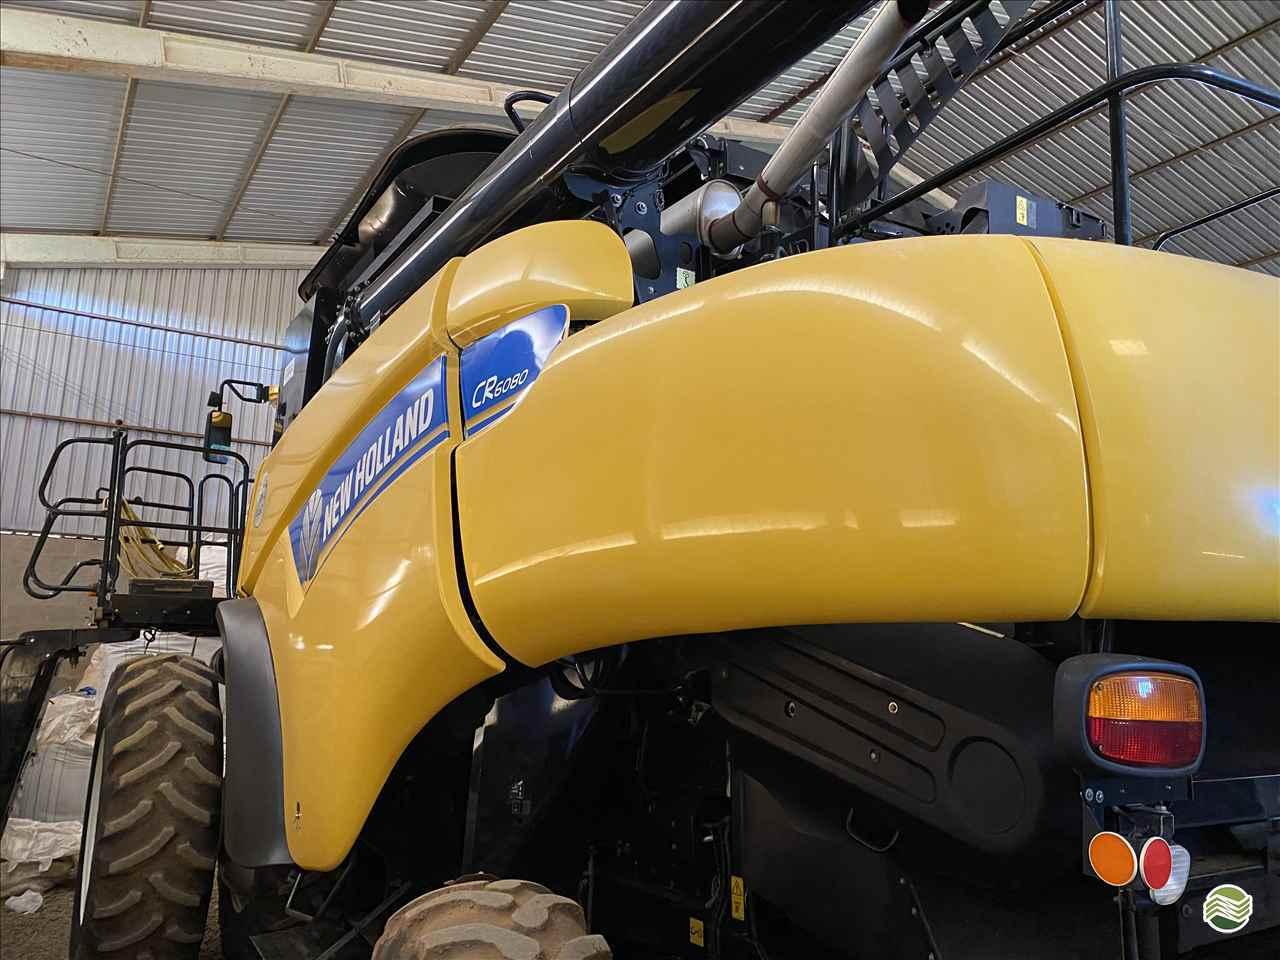 COLHEITADEIRA NEW HOLLAND CR 6080 GPS Máquinas CAMPO VERDE MATO GROSSO MT